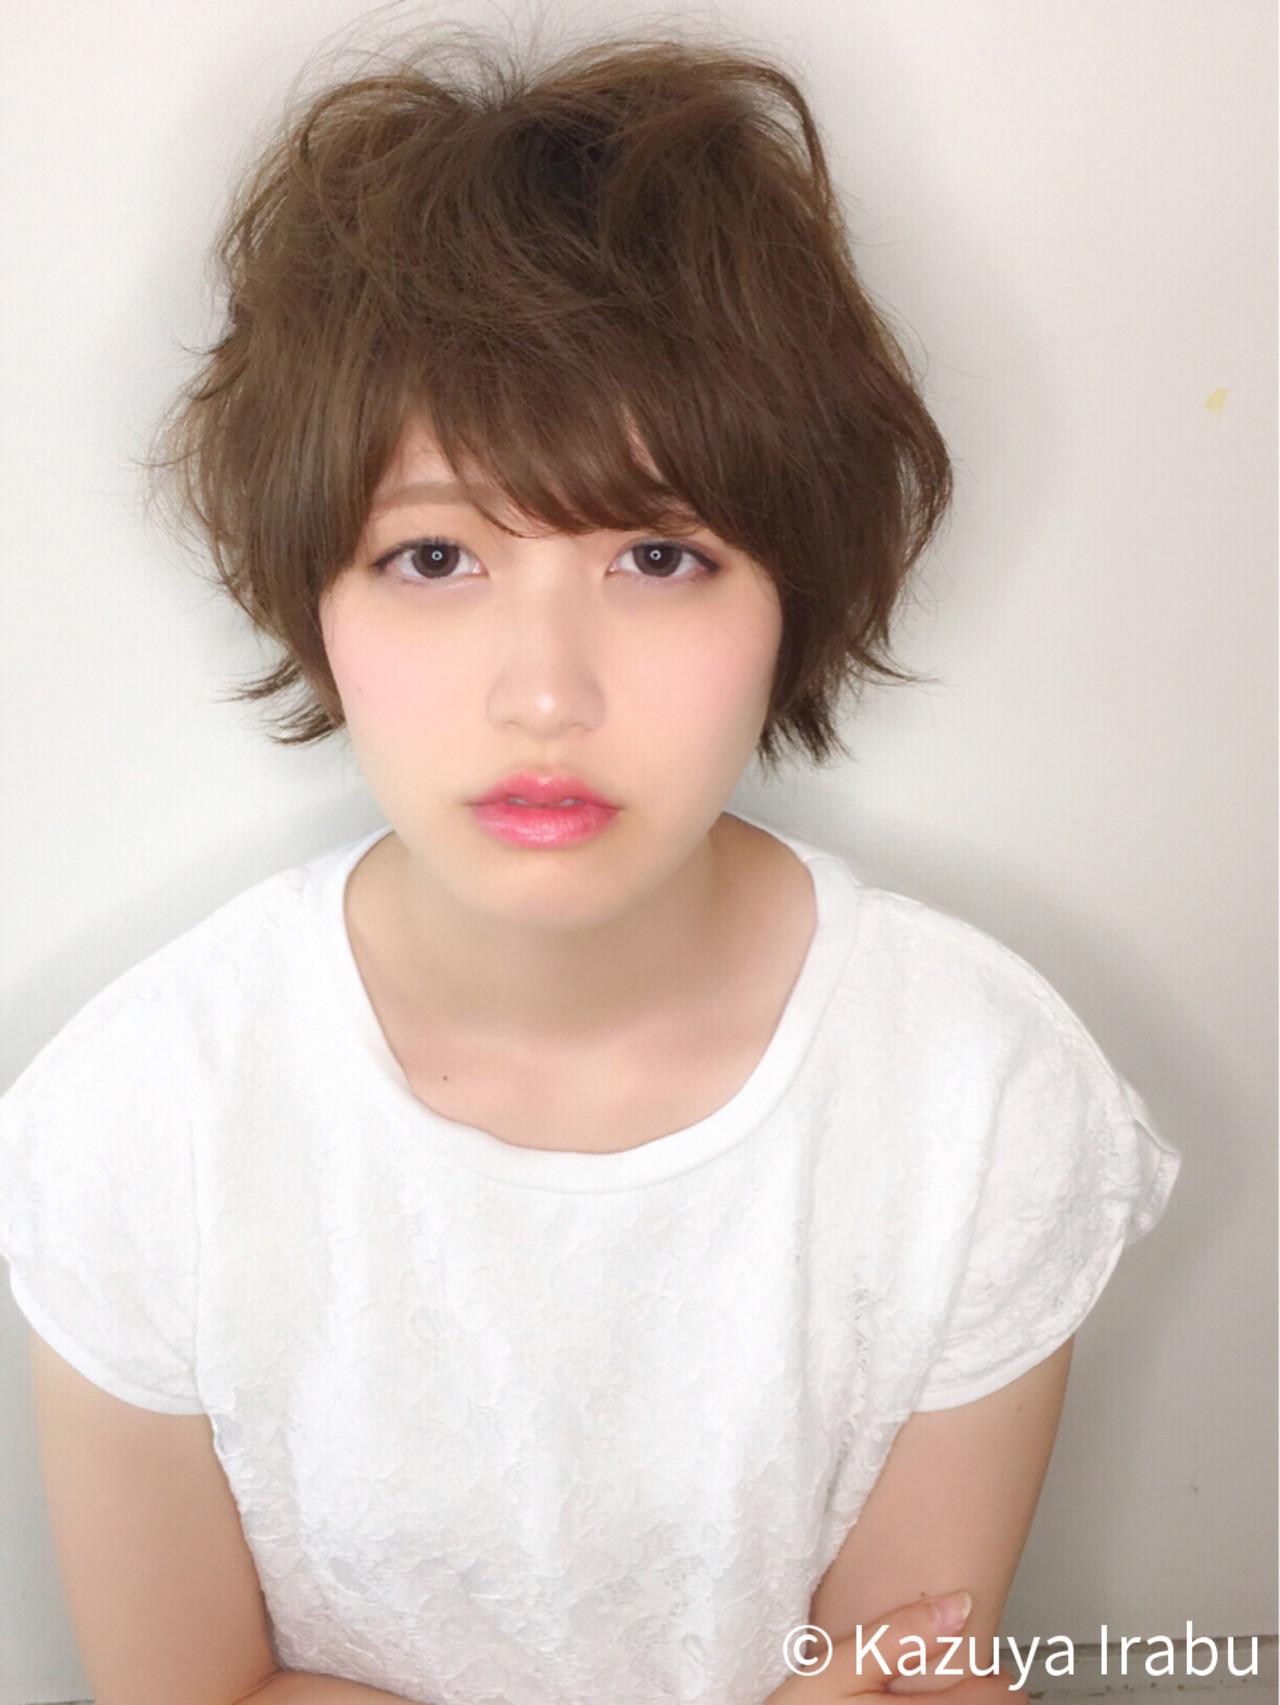 ピュア パーマ ゆるふわ 大人かわいい ヘアスタイルや髪型の写真・画像 | Kazuya Irabu / アービング